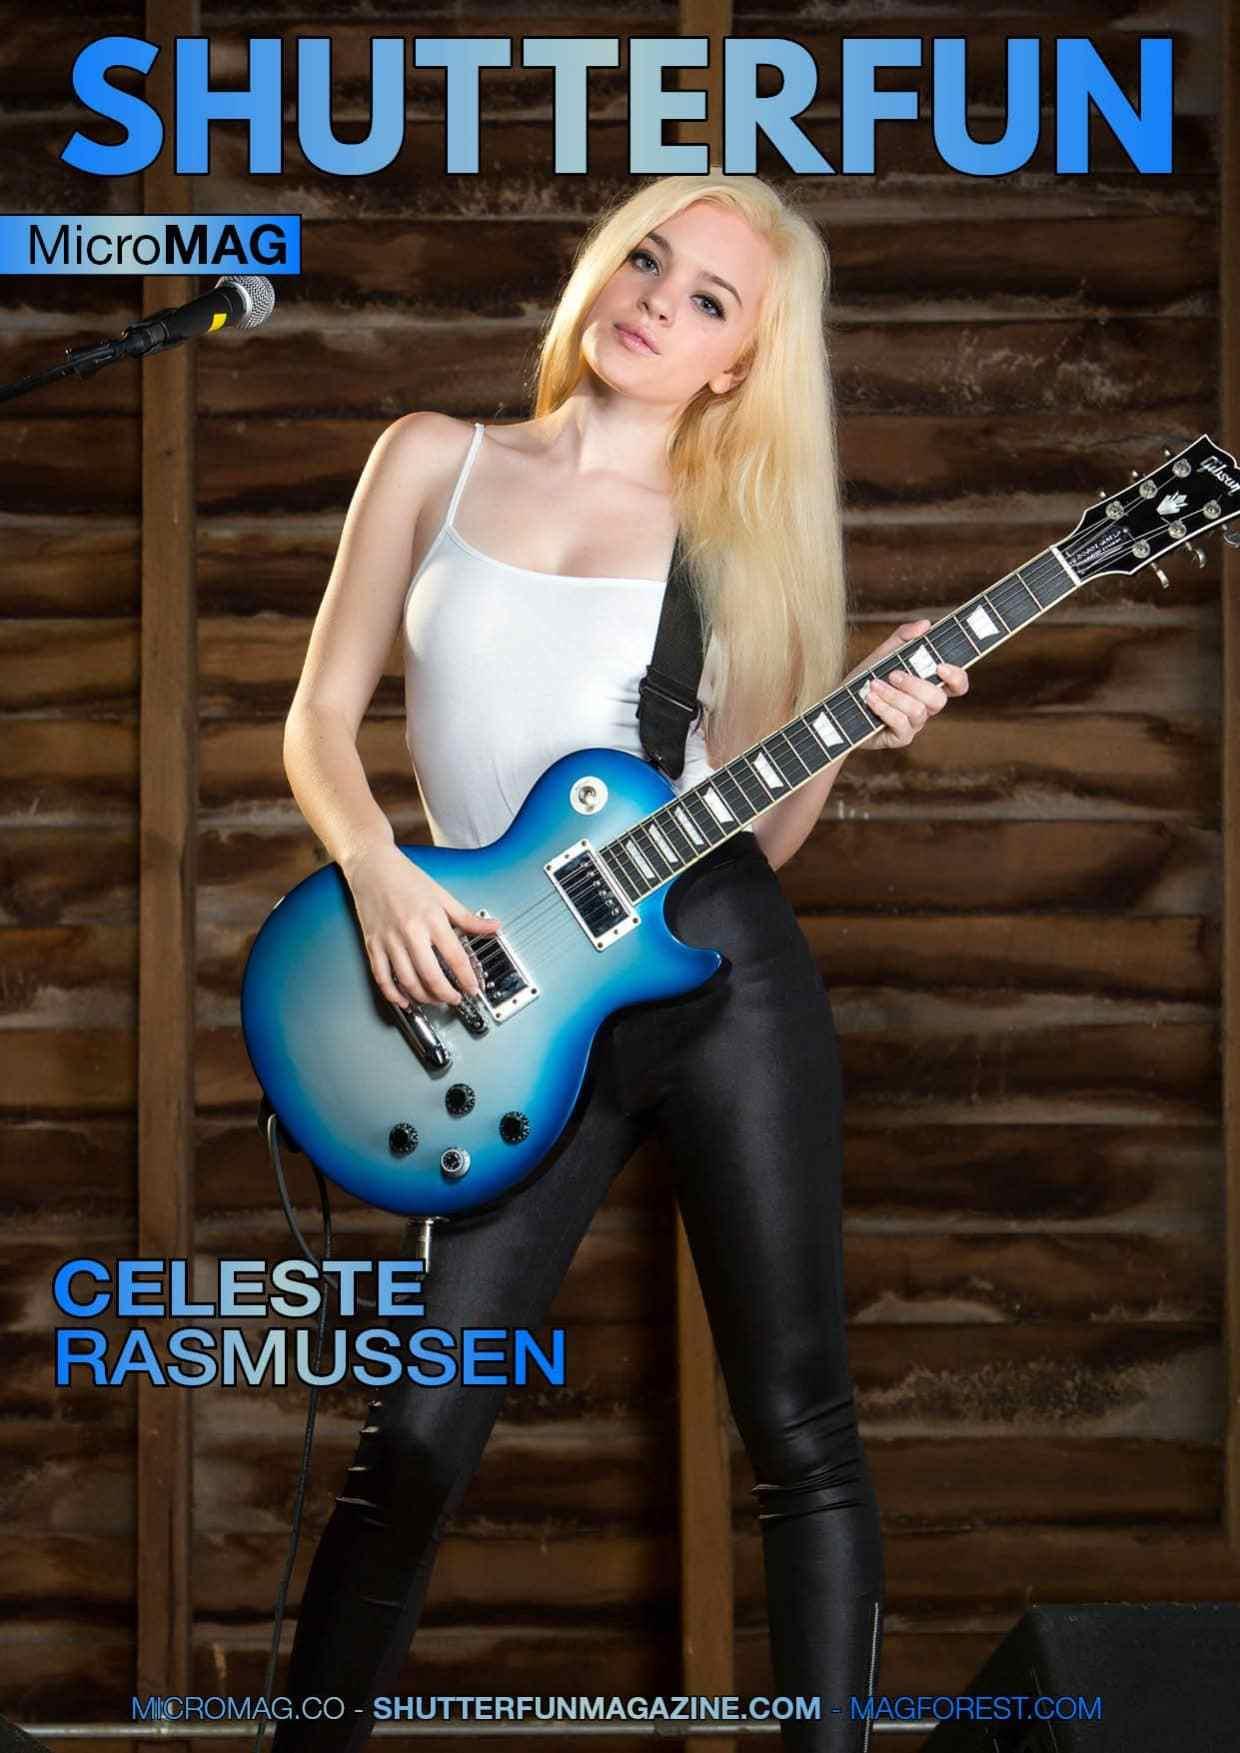 SHUTTERFUN MicroMag Celeste Rasmussen